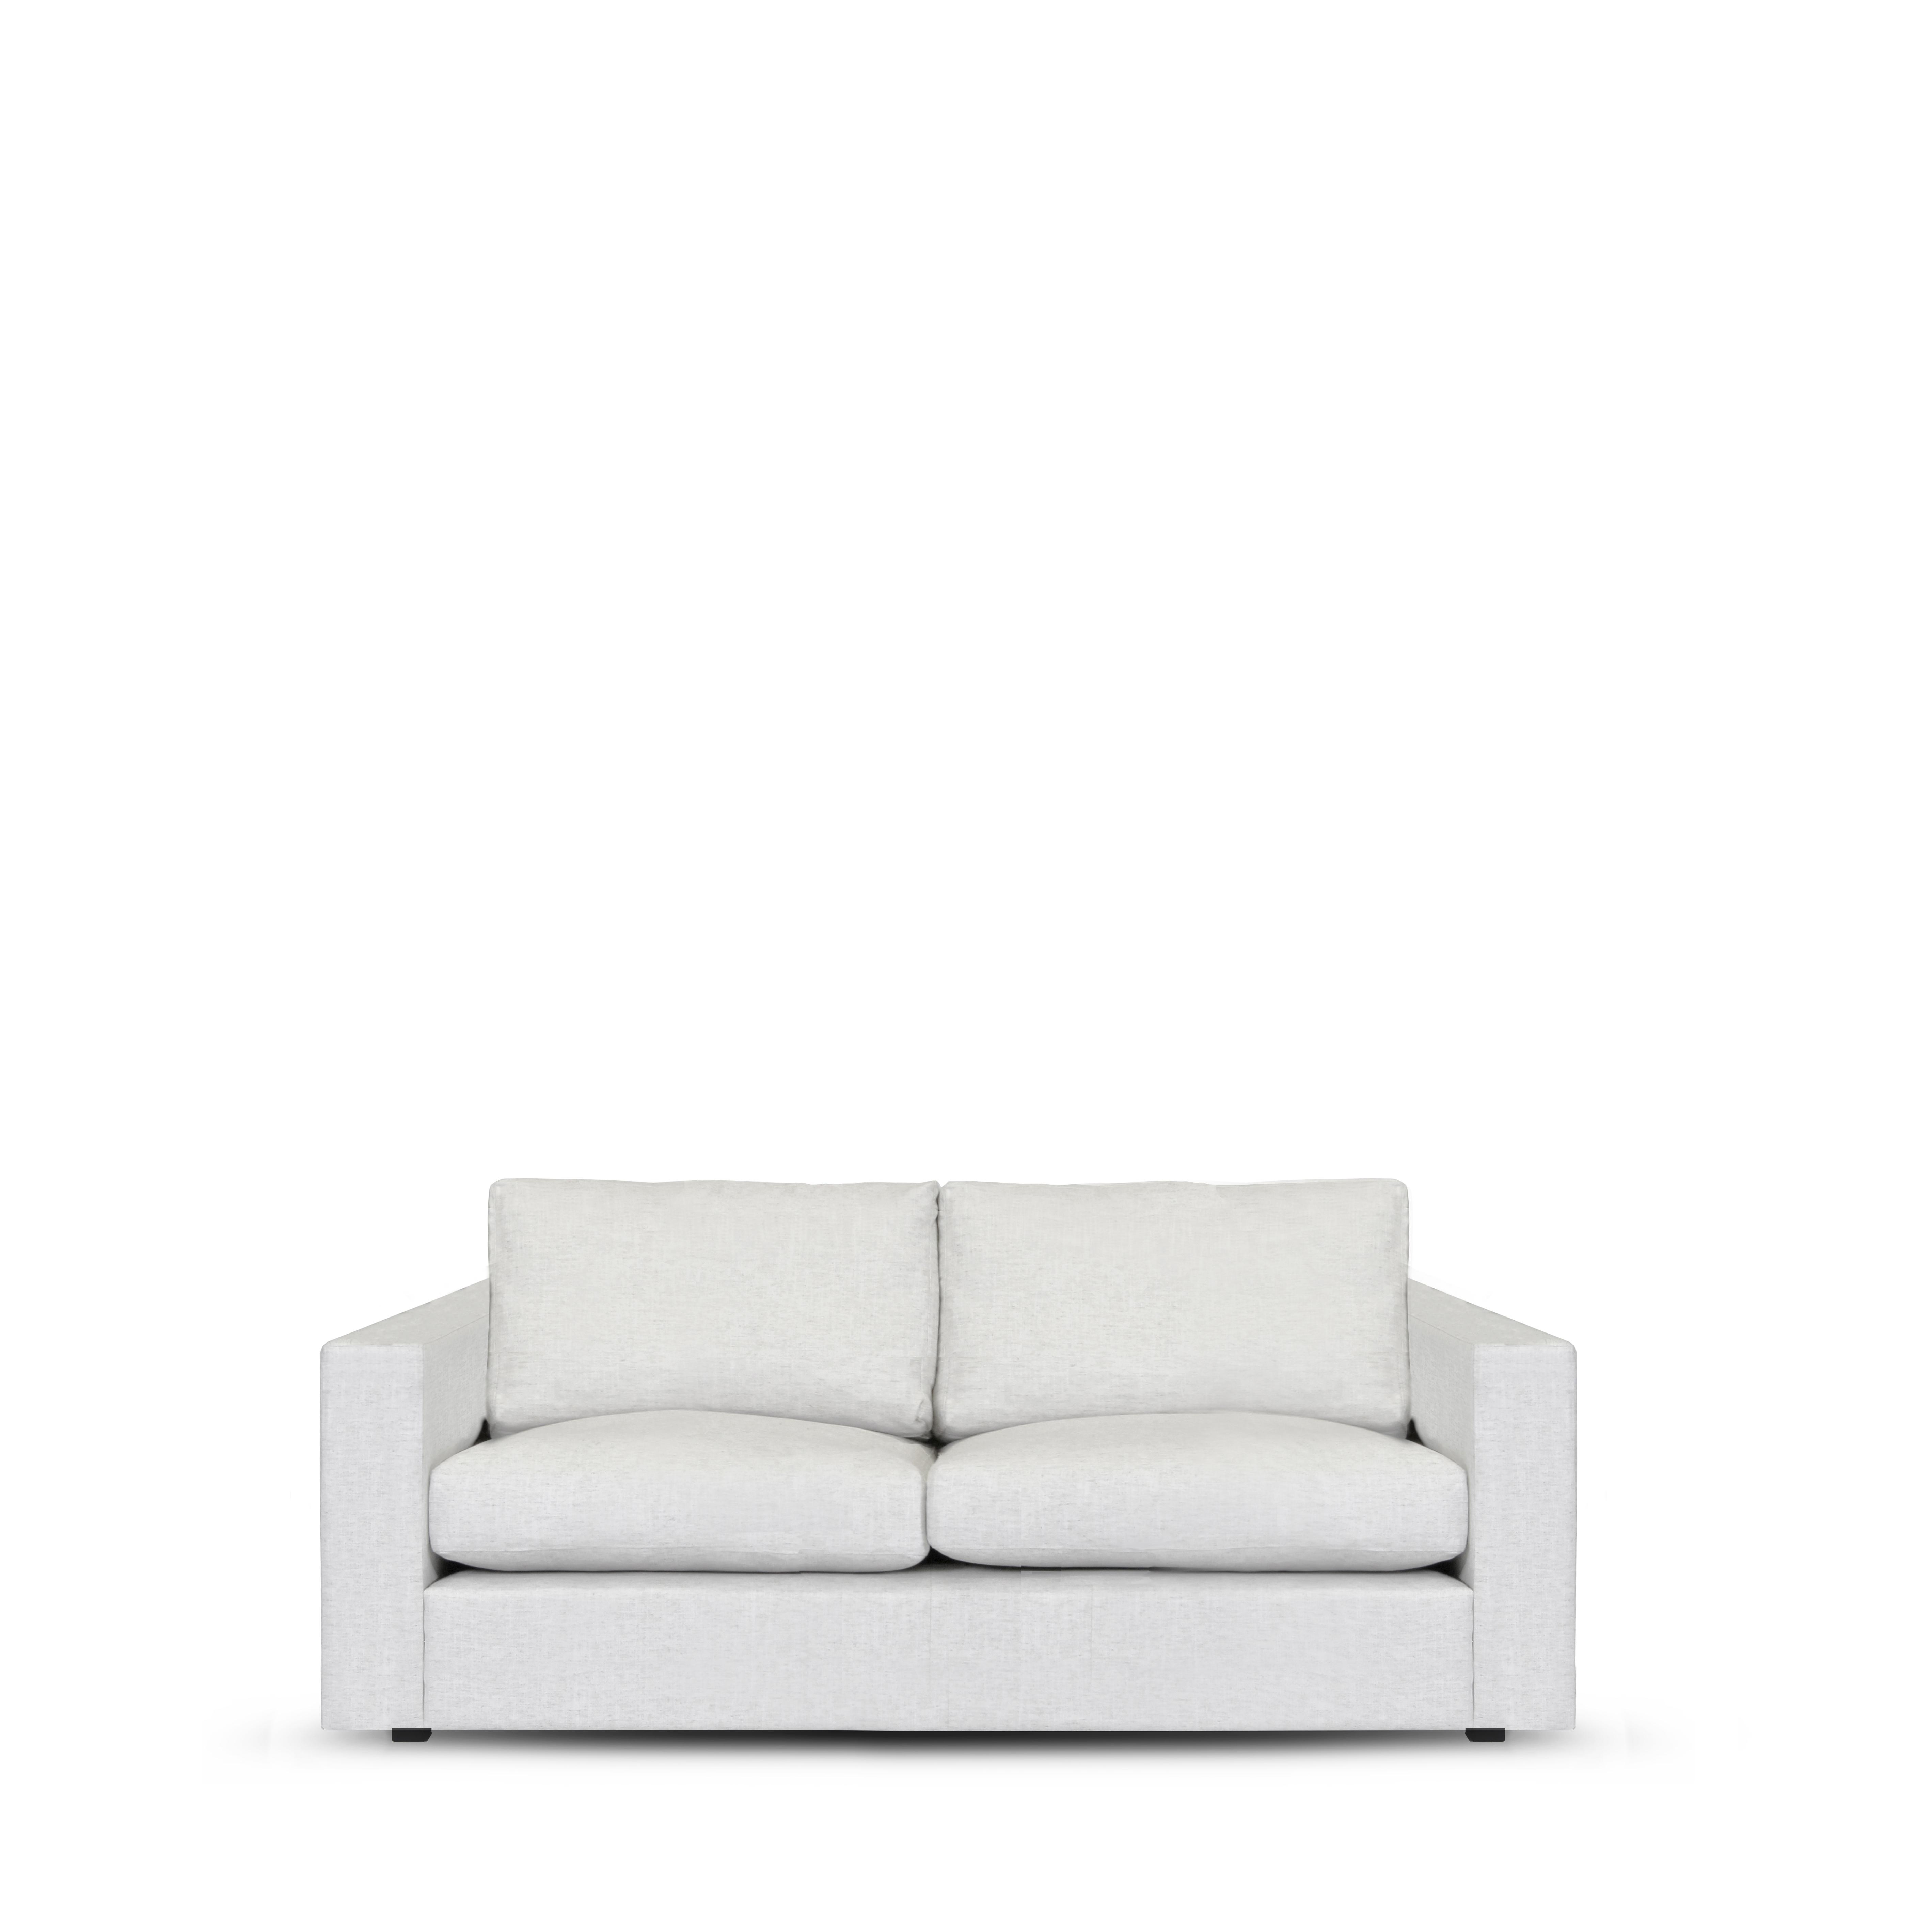 Chelsea Soffa 2-sits